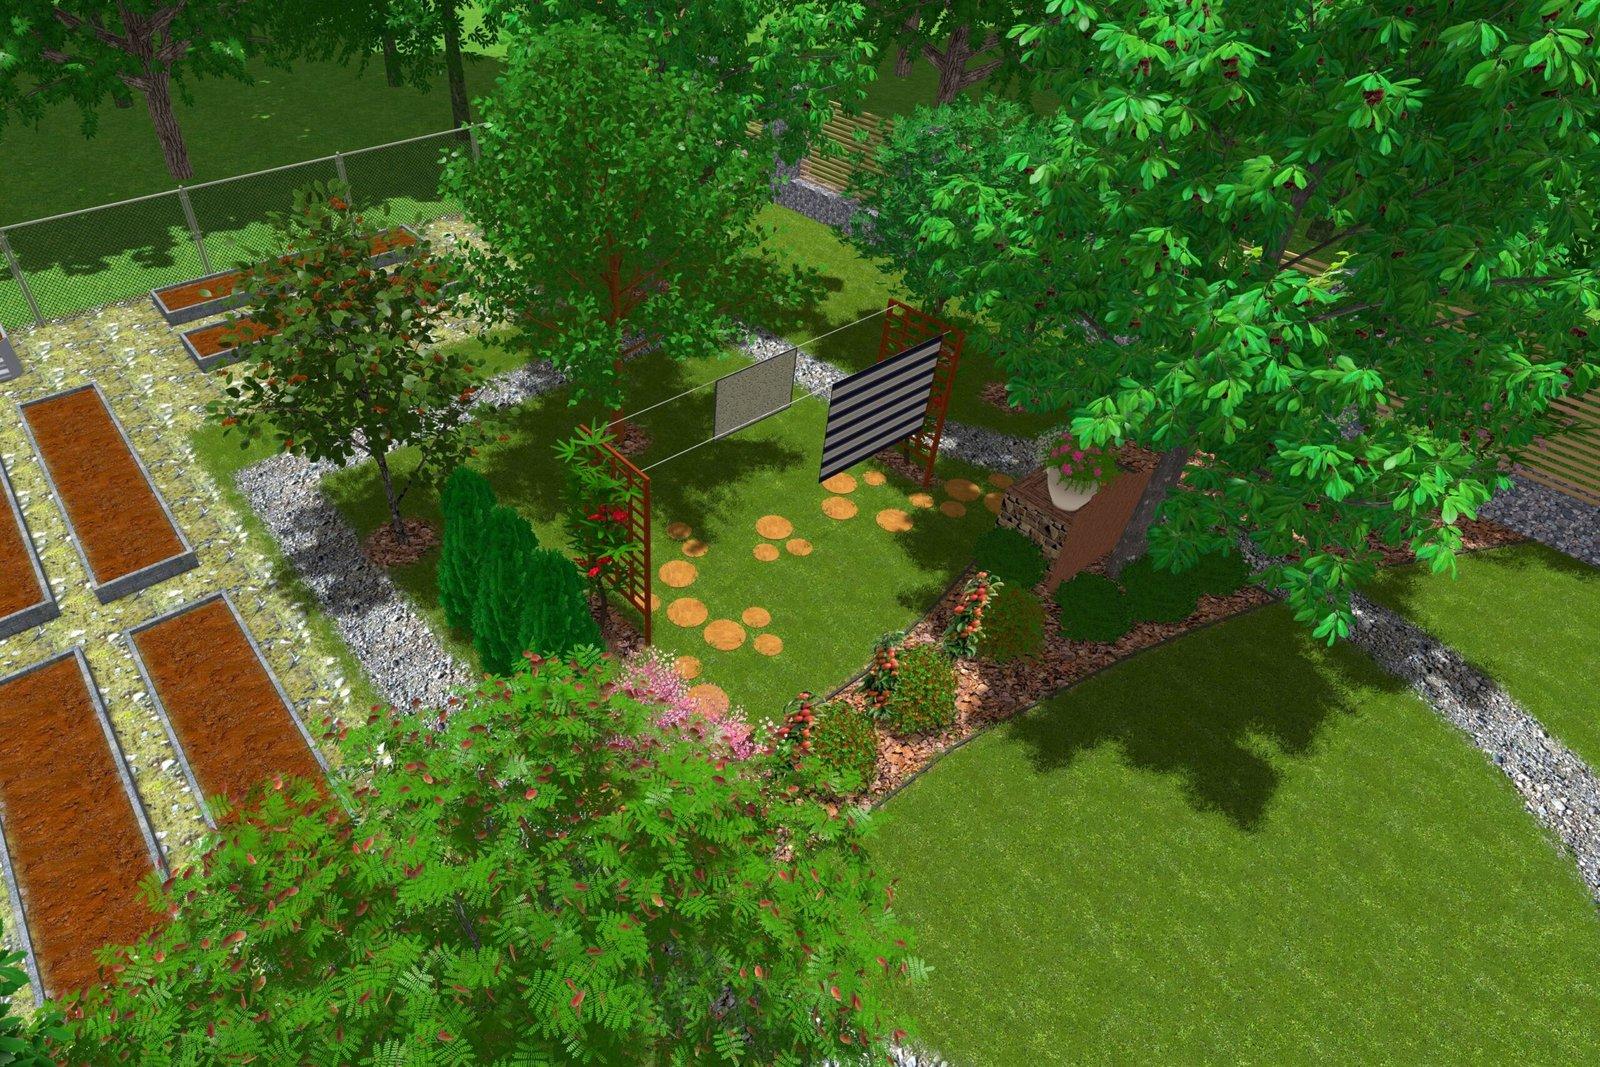 различные малые архитектурные формы, Как создать красивый ландшафт